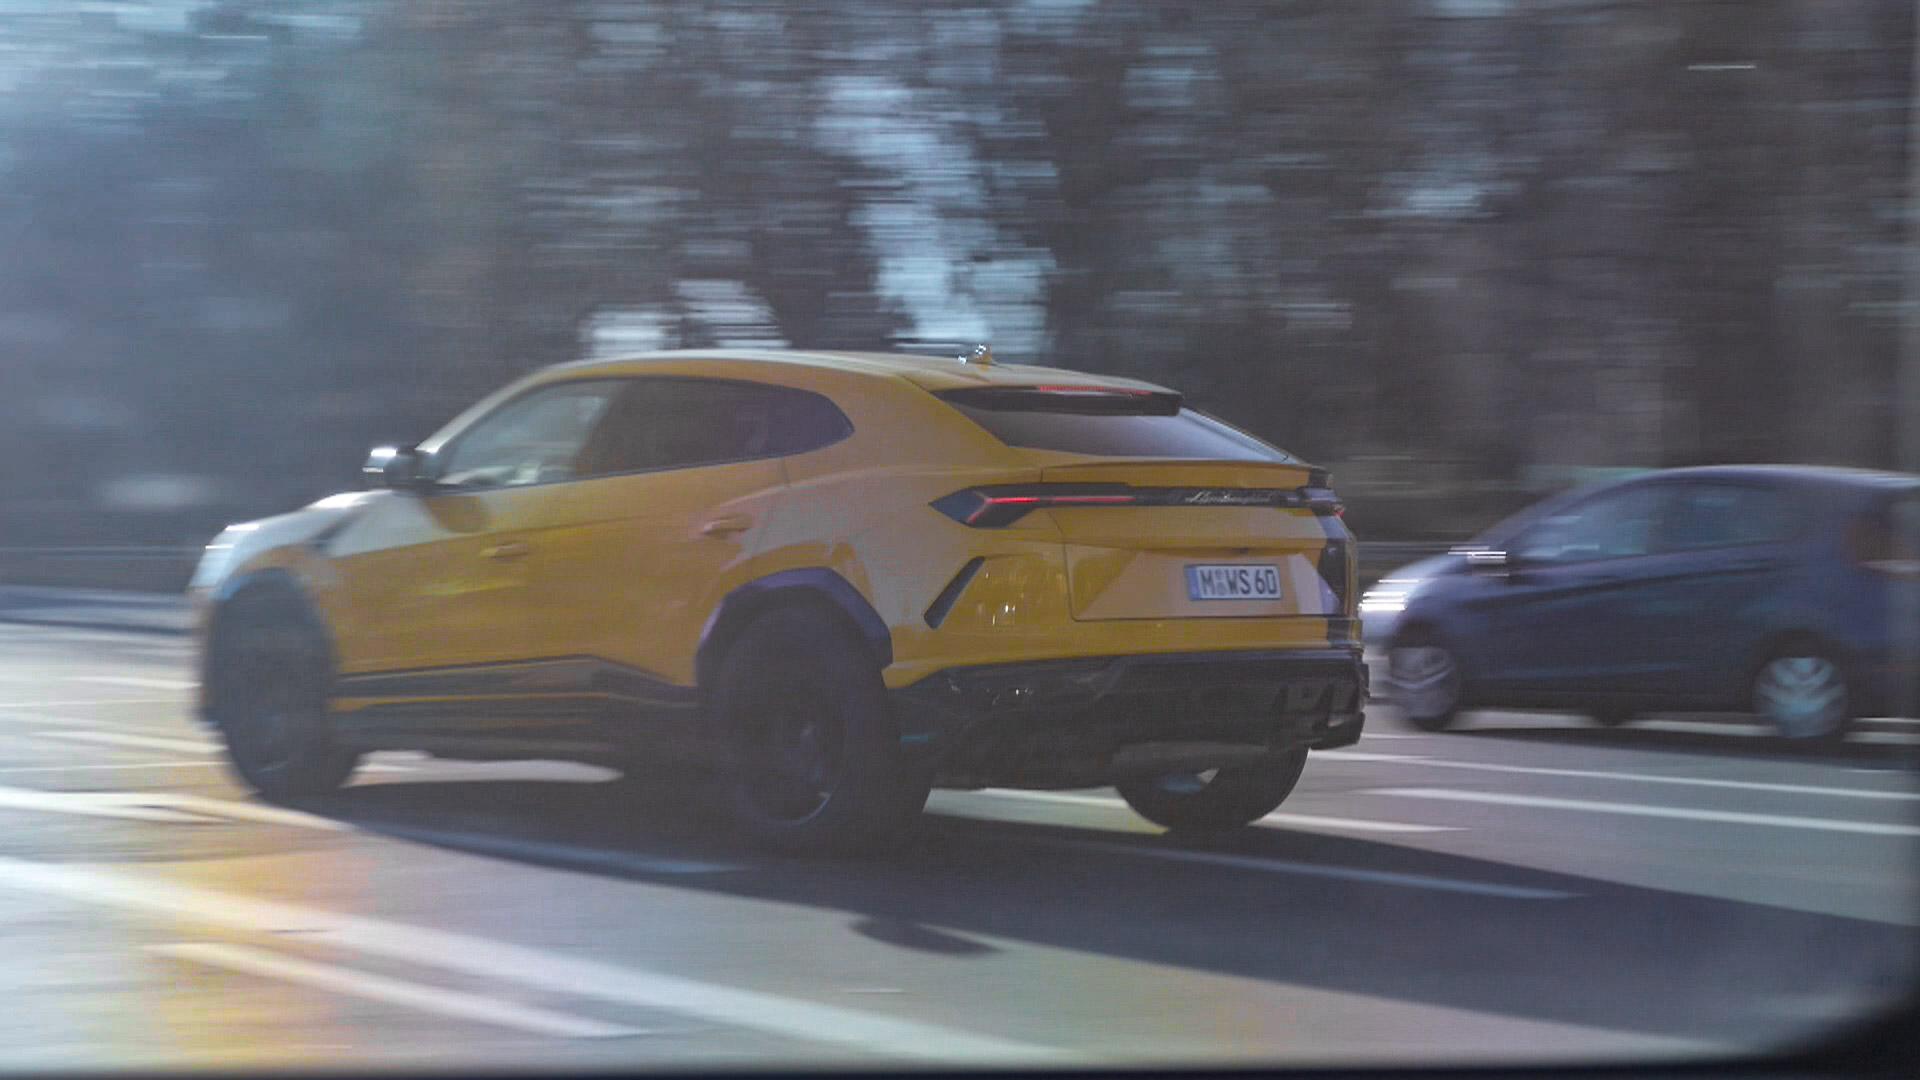 Lamborghini Urus - M-WS-60